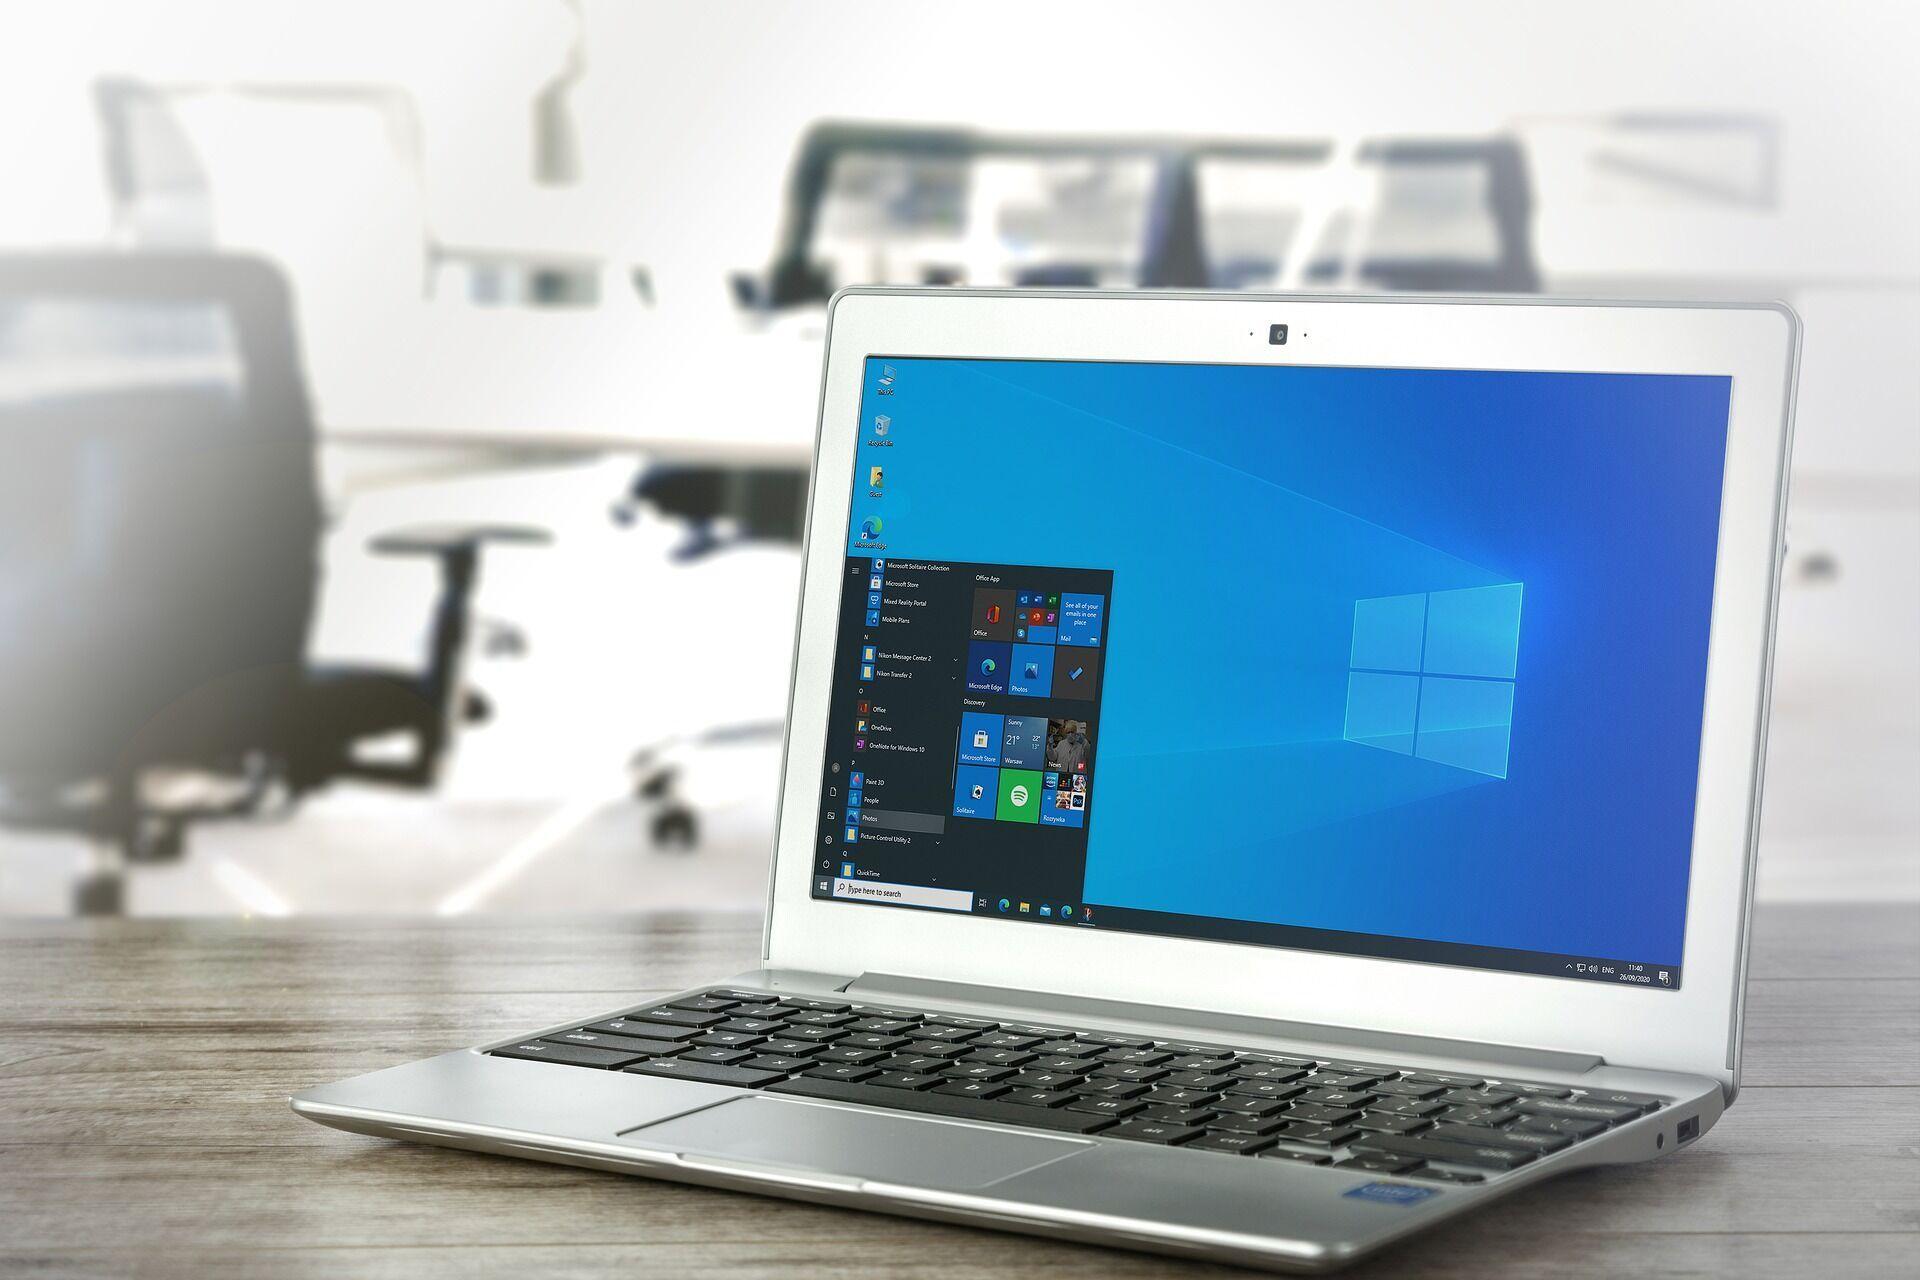 Почти все владельцы Windows 10 будут бесплатно переведены на Windows 11